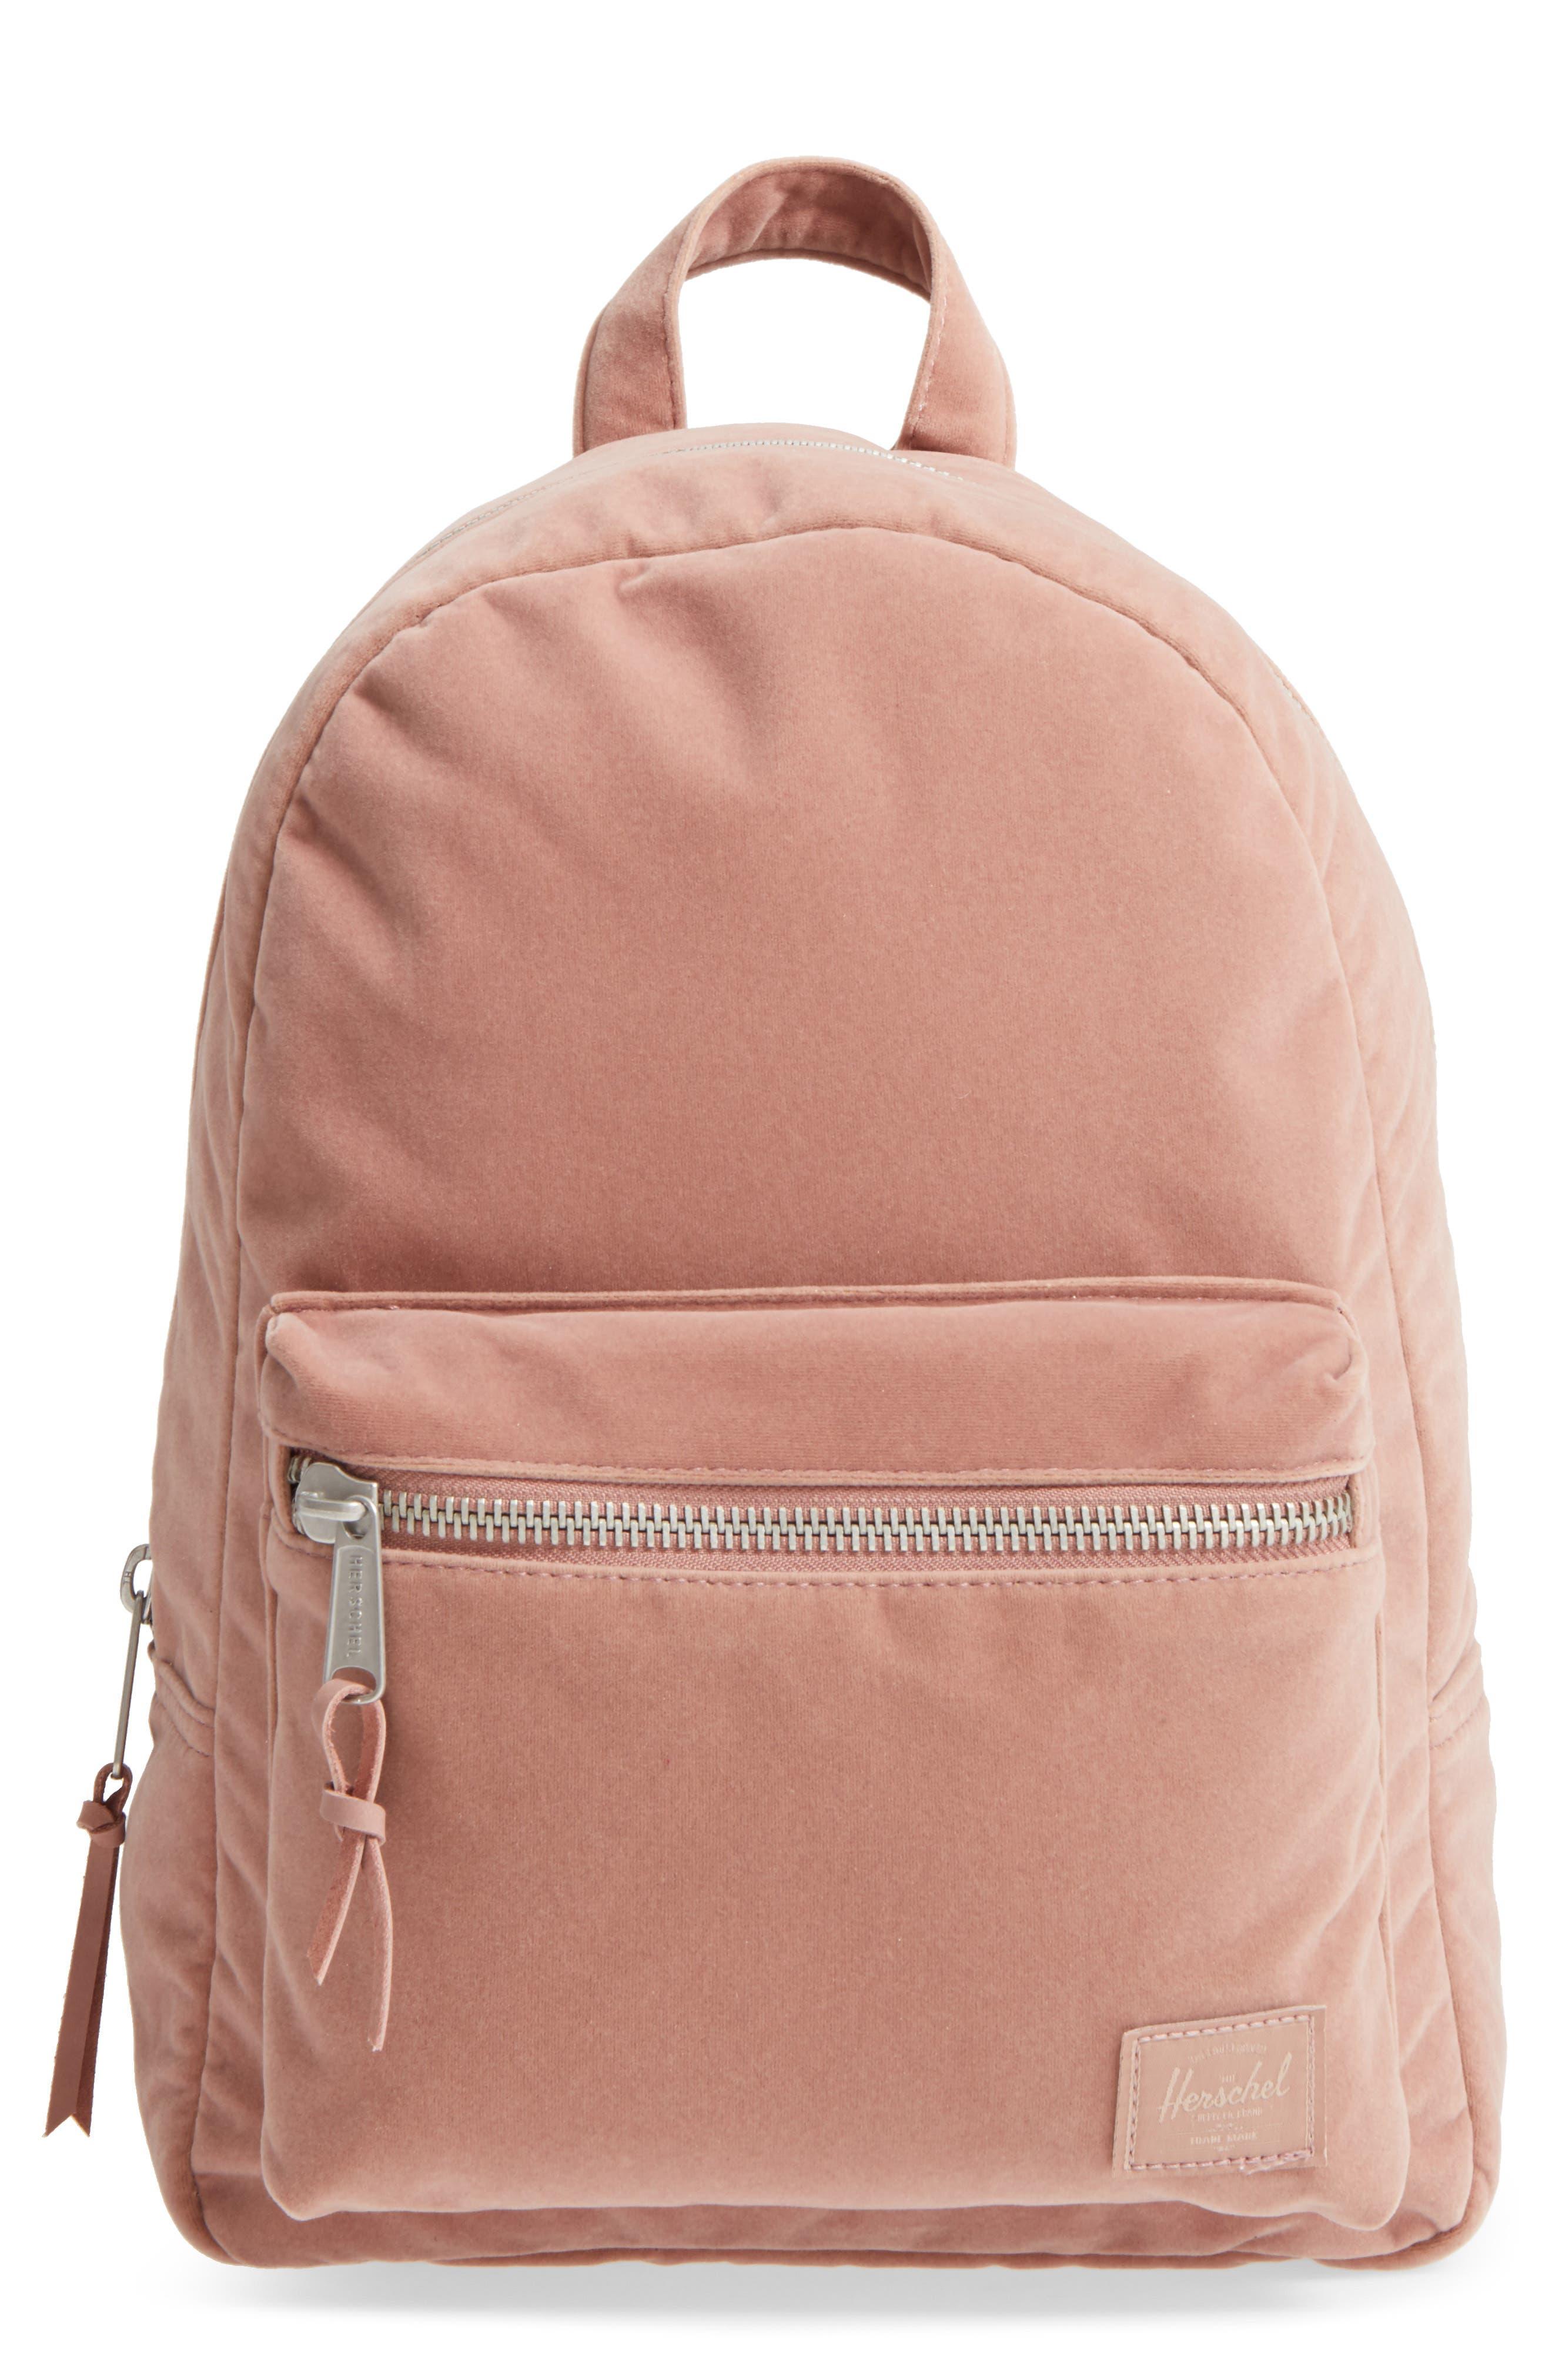 X-Small Velvet Grove Backpack,                             Main thumbnail 1, color,                             Ash Rose